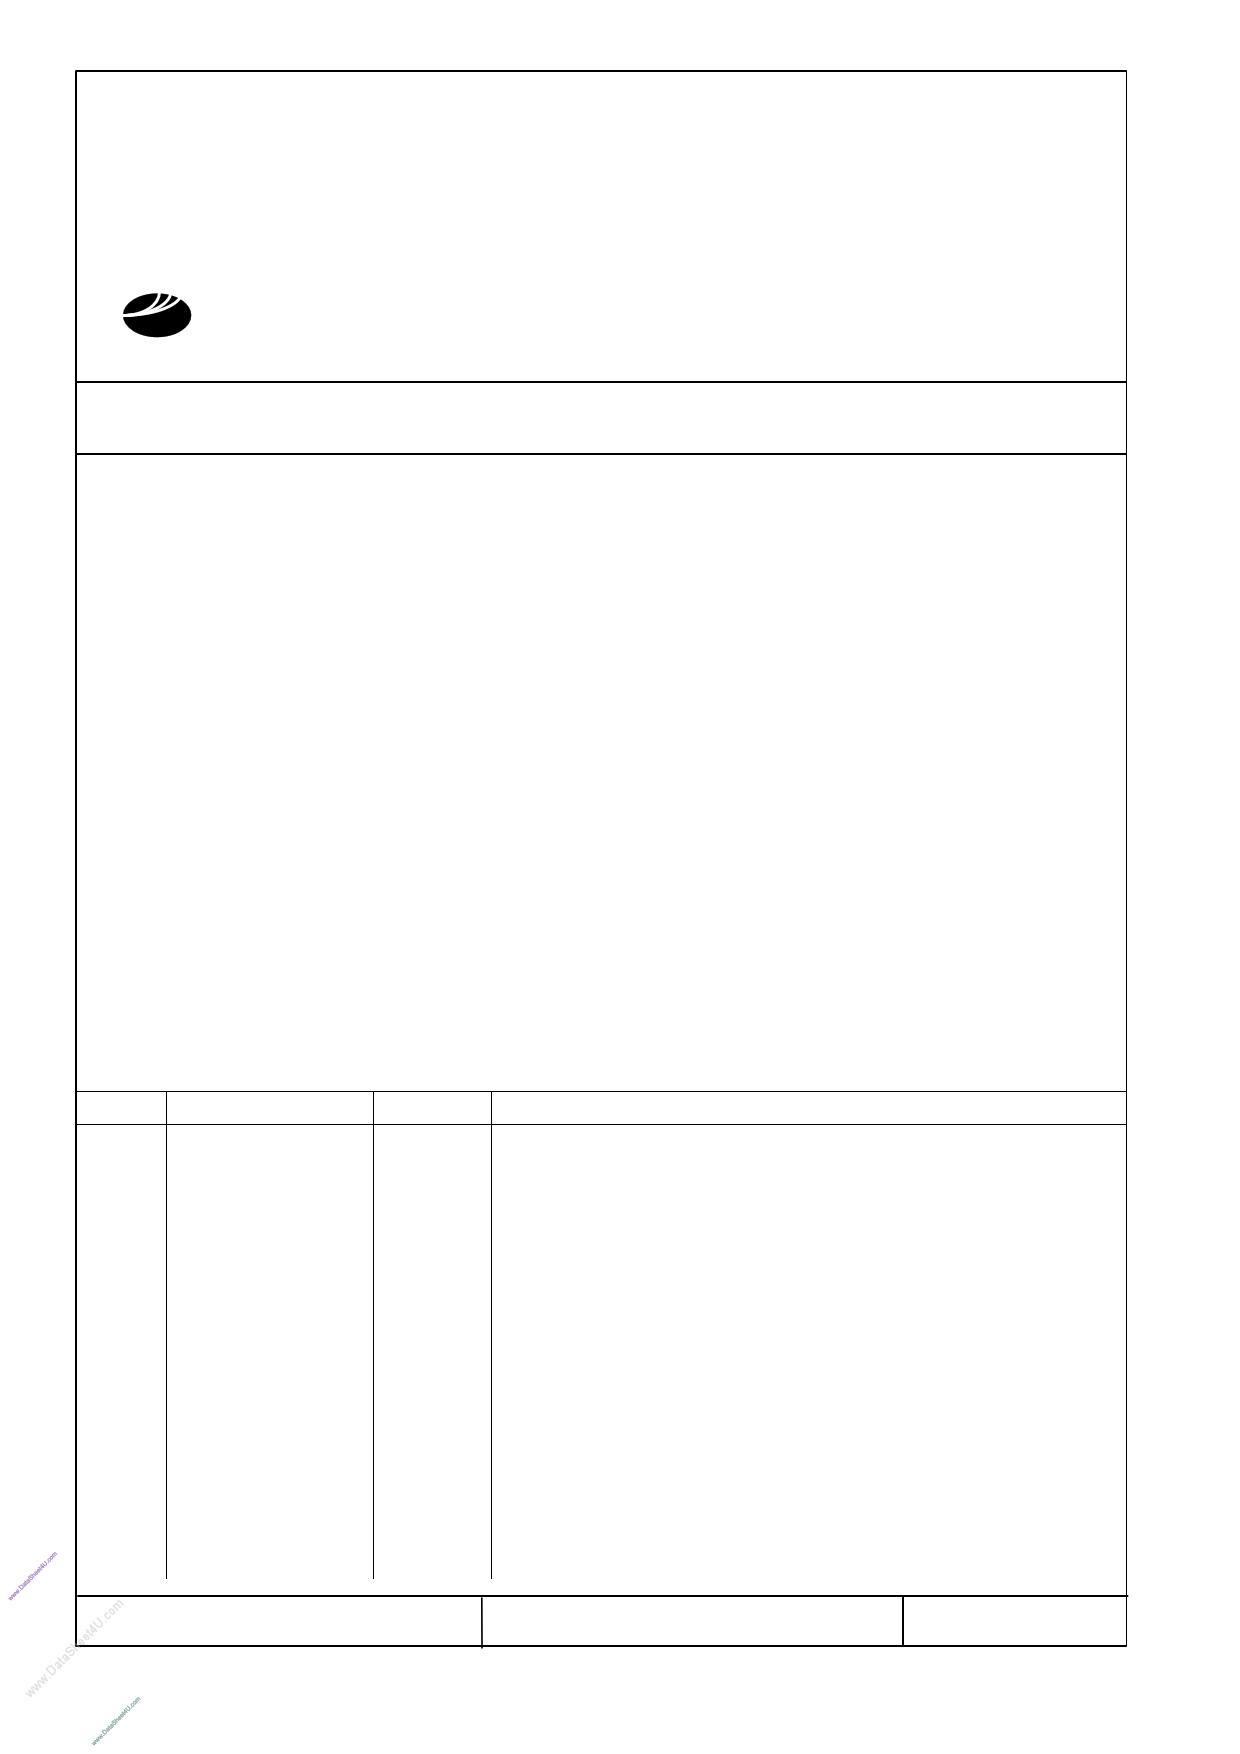 T-51516D150J-FW_A_AA datasheet